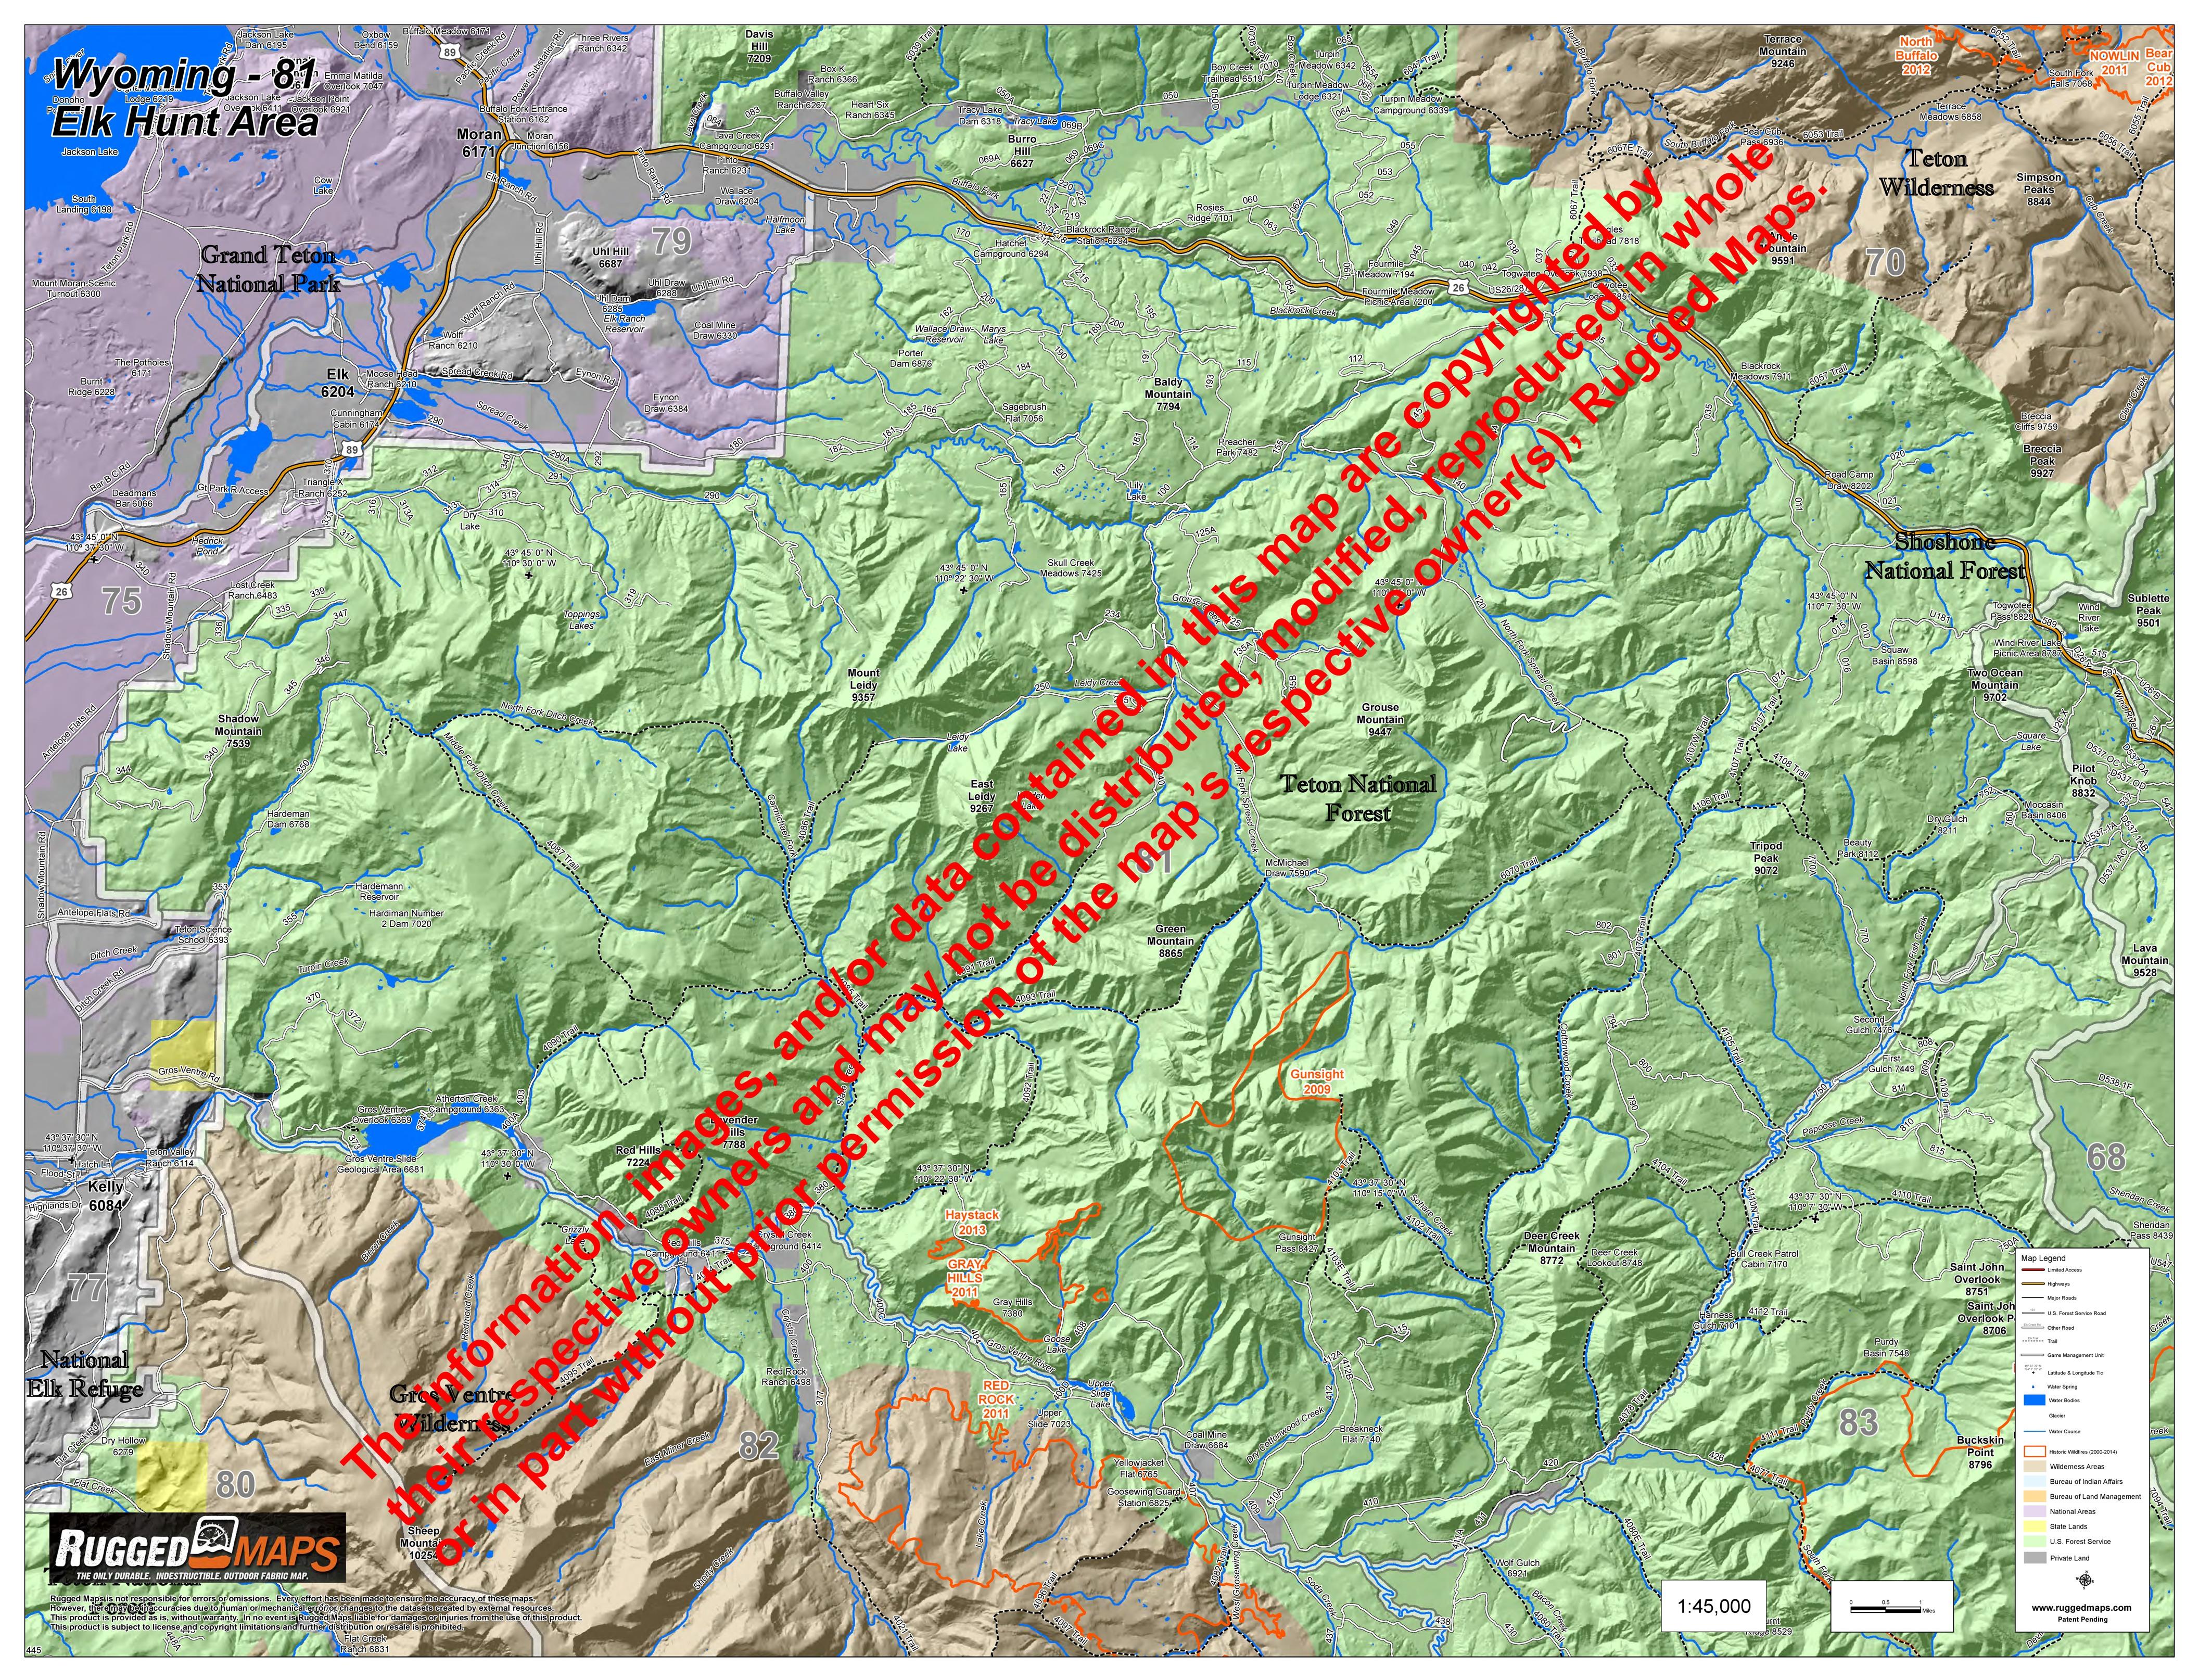 Elk Hunt Area 81 - Spread Creek